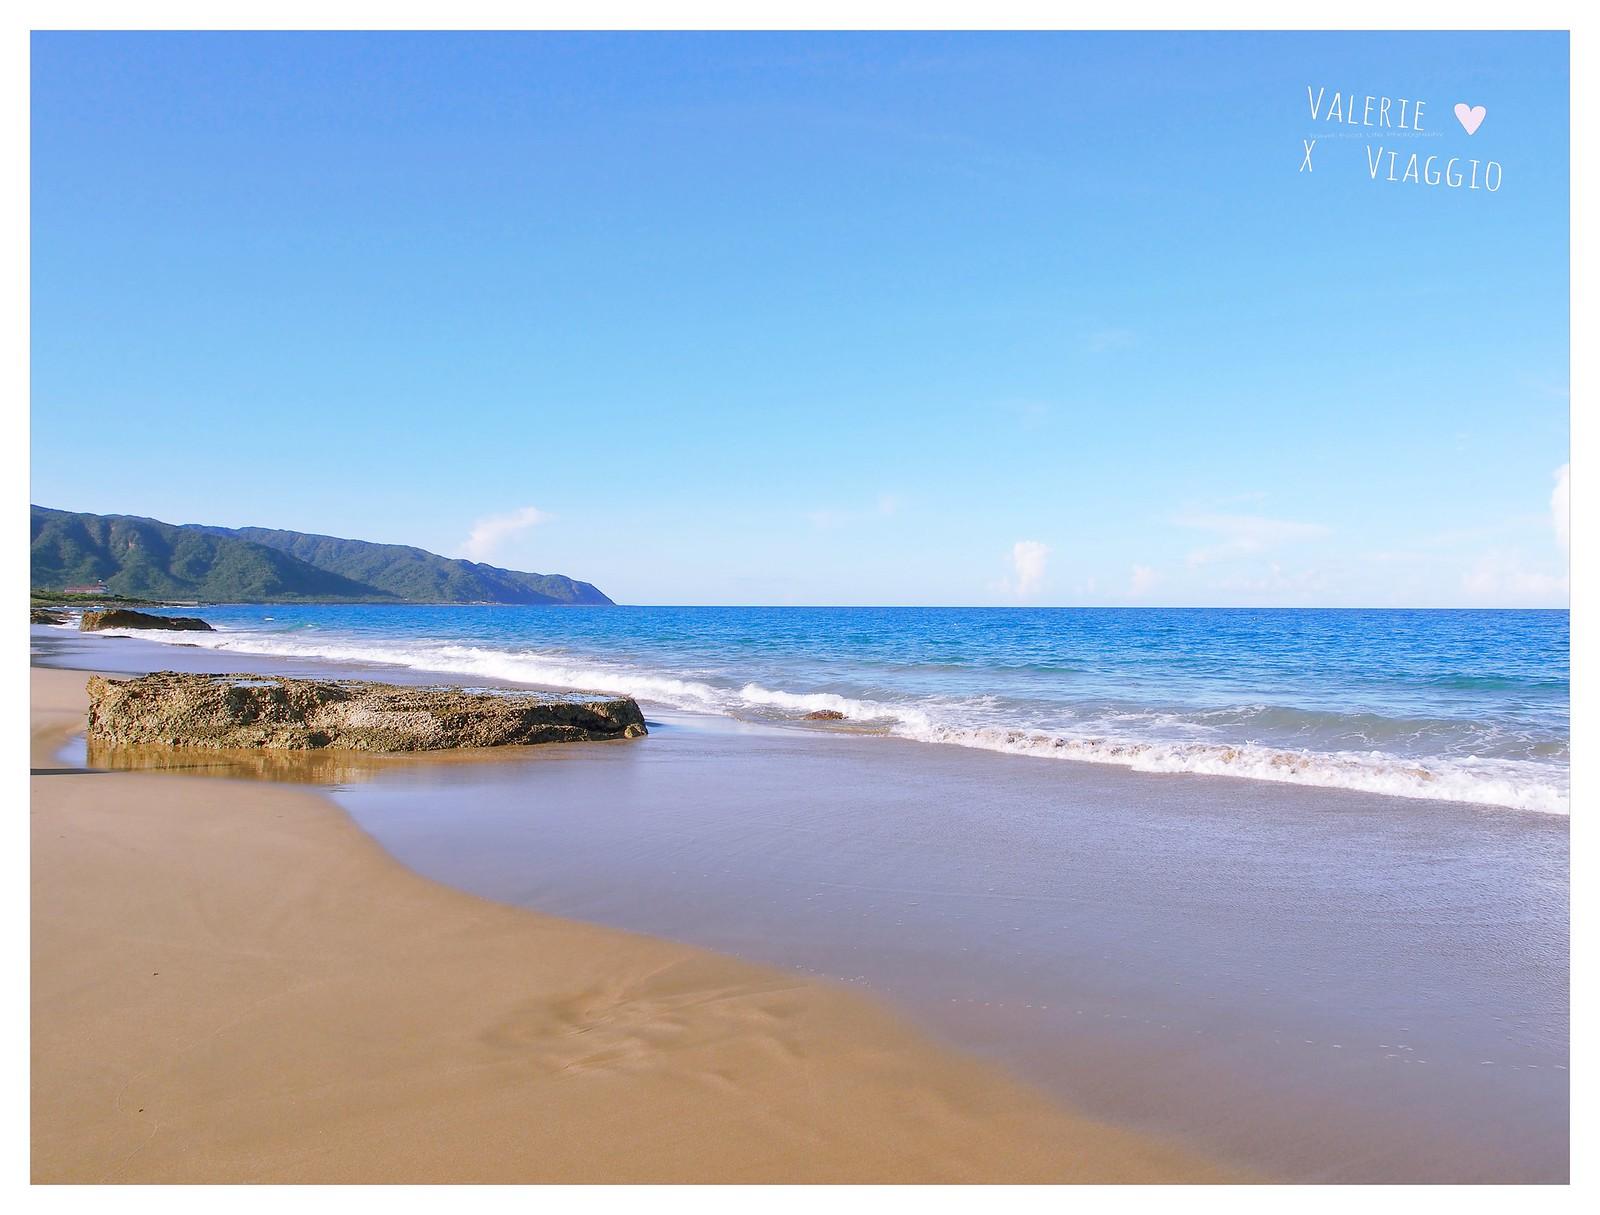 【墾丁 Kenting】15個墾丁恆春景點 | 秘境沙灘×海景×私房景點 @薇樂莉 Love Viaggio | 旅行.生活.攝影